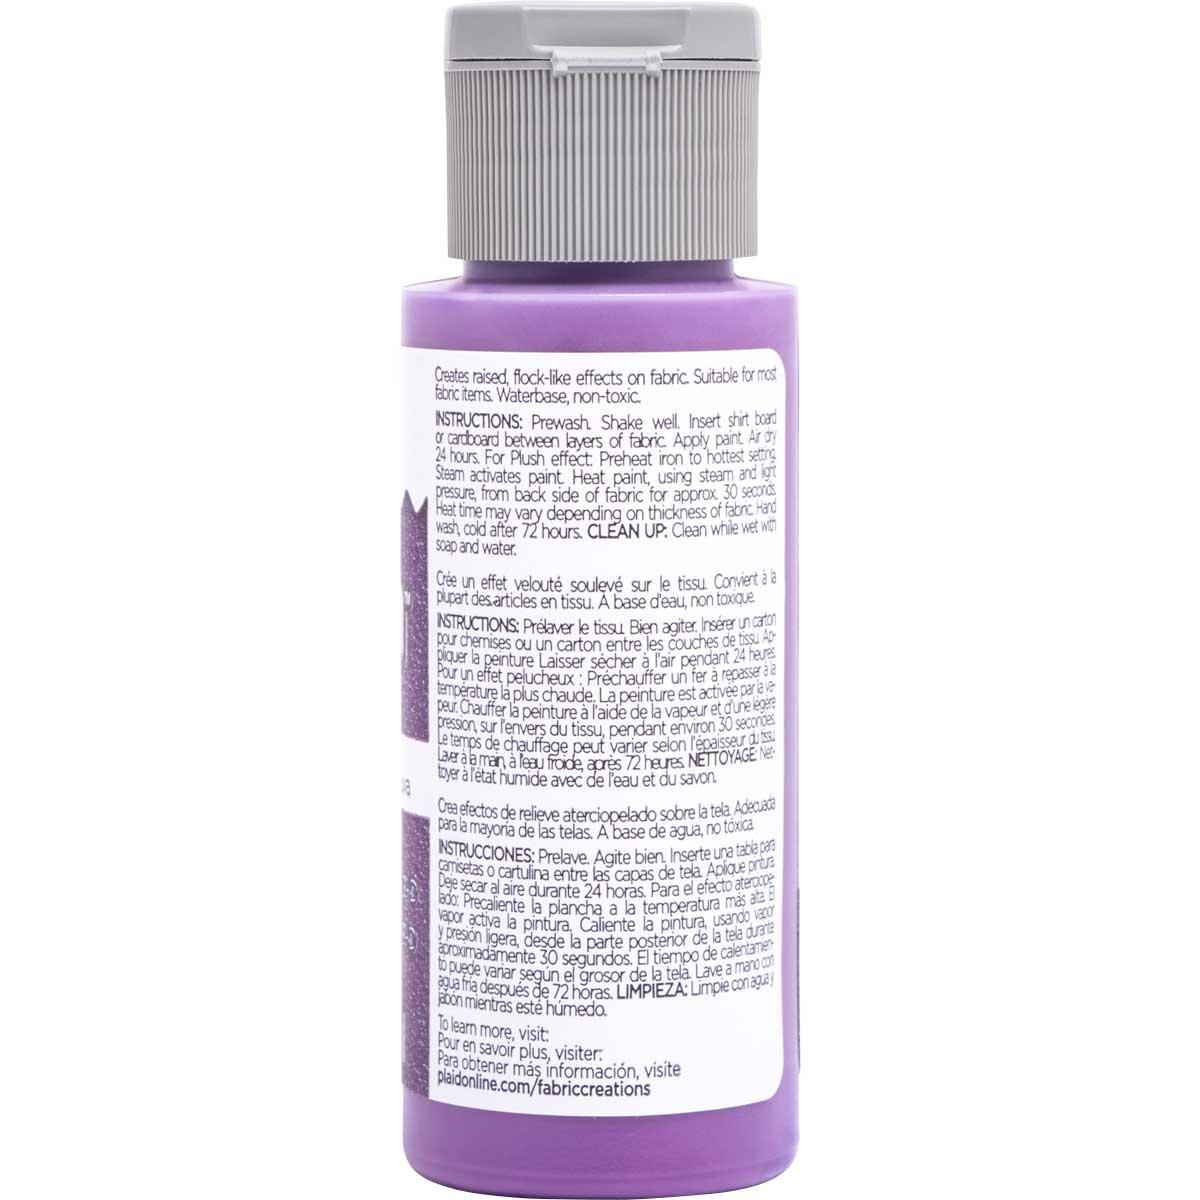 Fabric Creations™ Plush™ 3-D Fabric Paints - Grape Fizz, 2 oz.